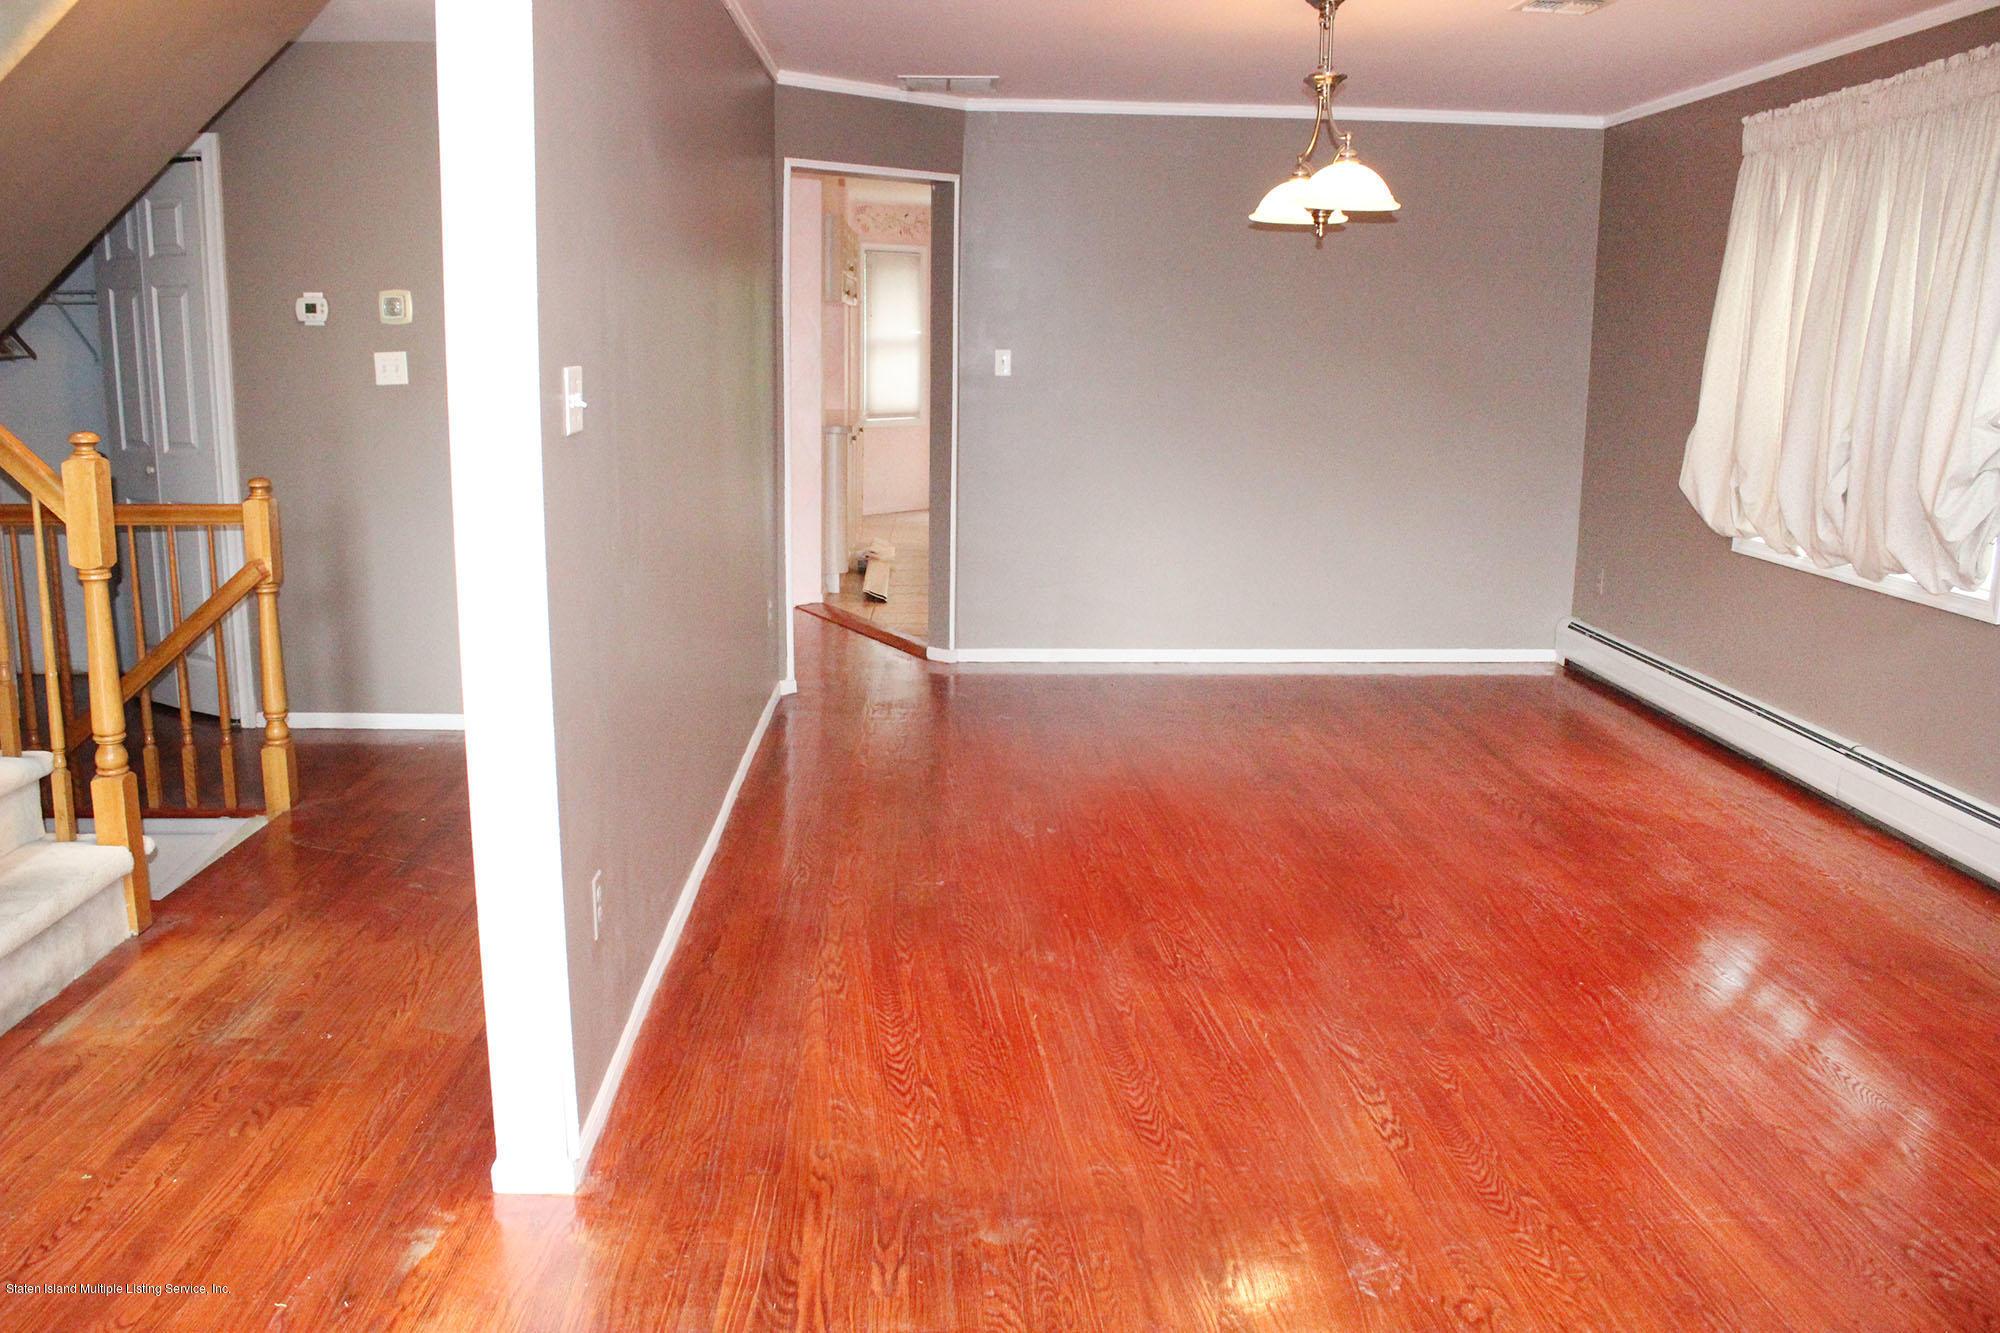 Single Family - Detached 64 Covington Circle  Staten Island, NY 10312, MLS-1130895-3